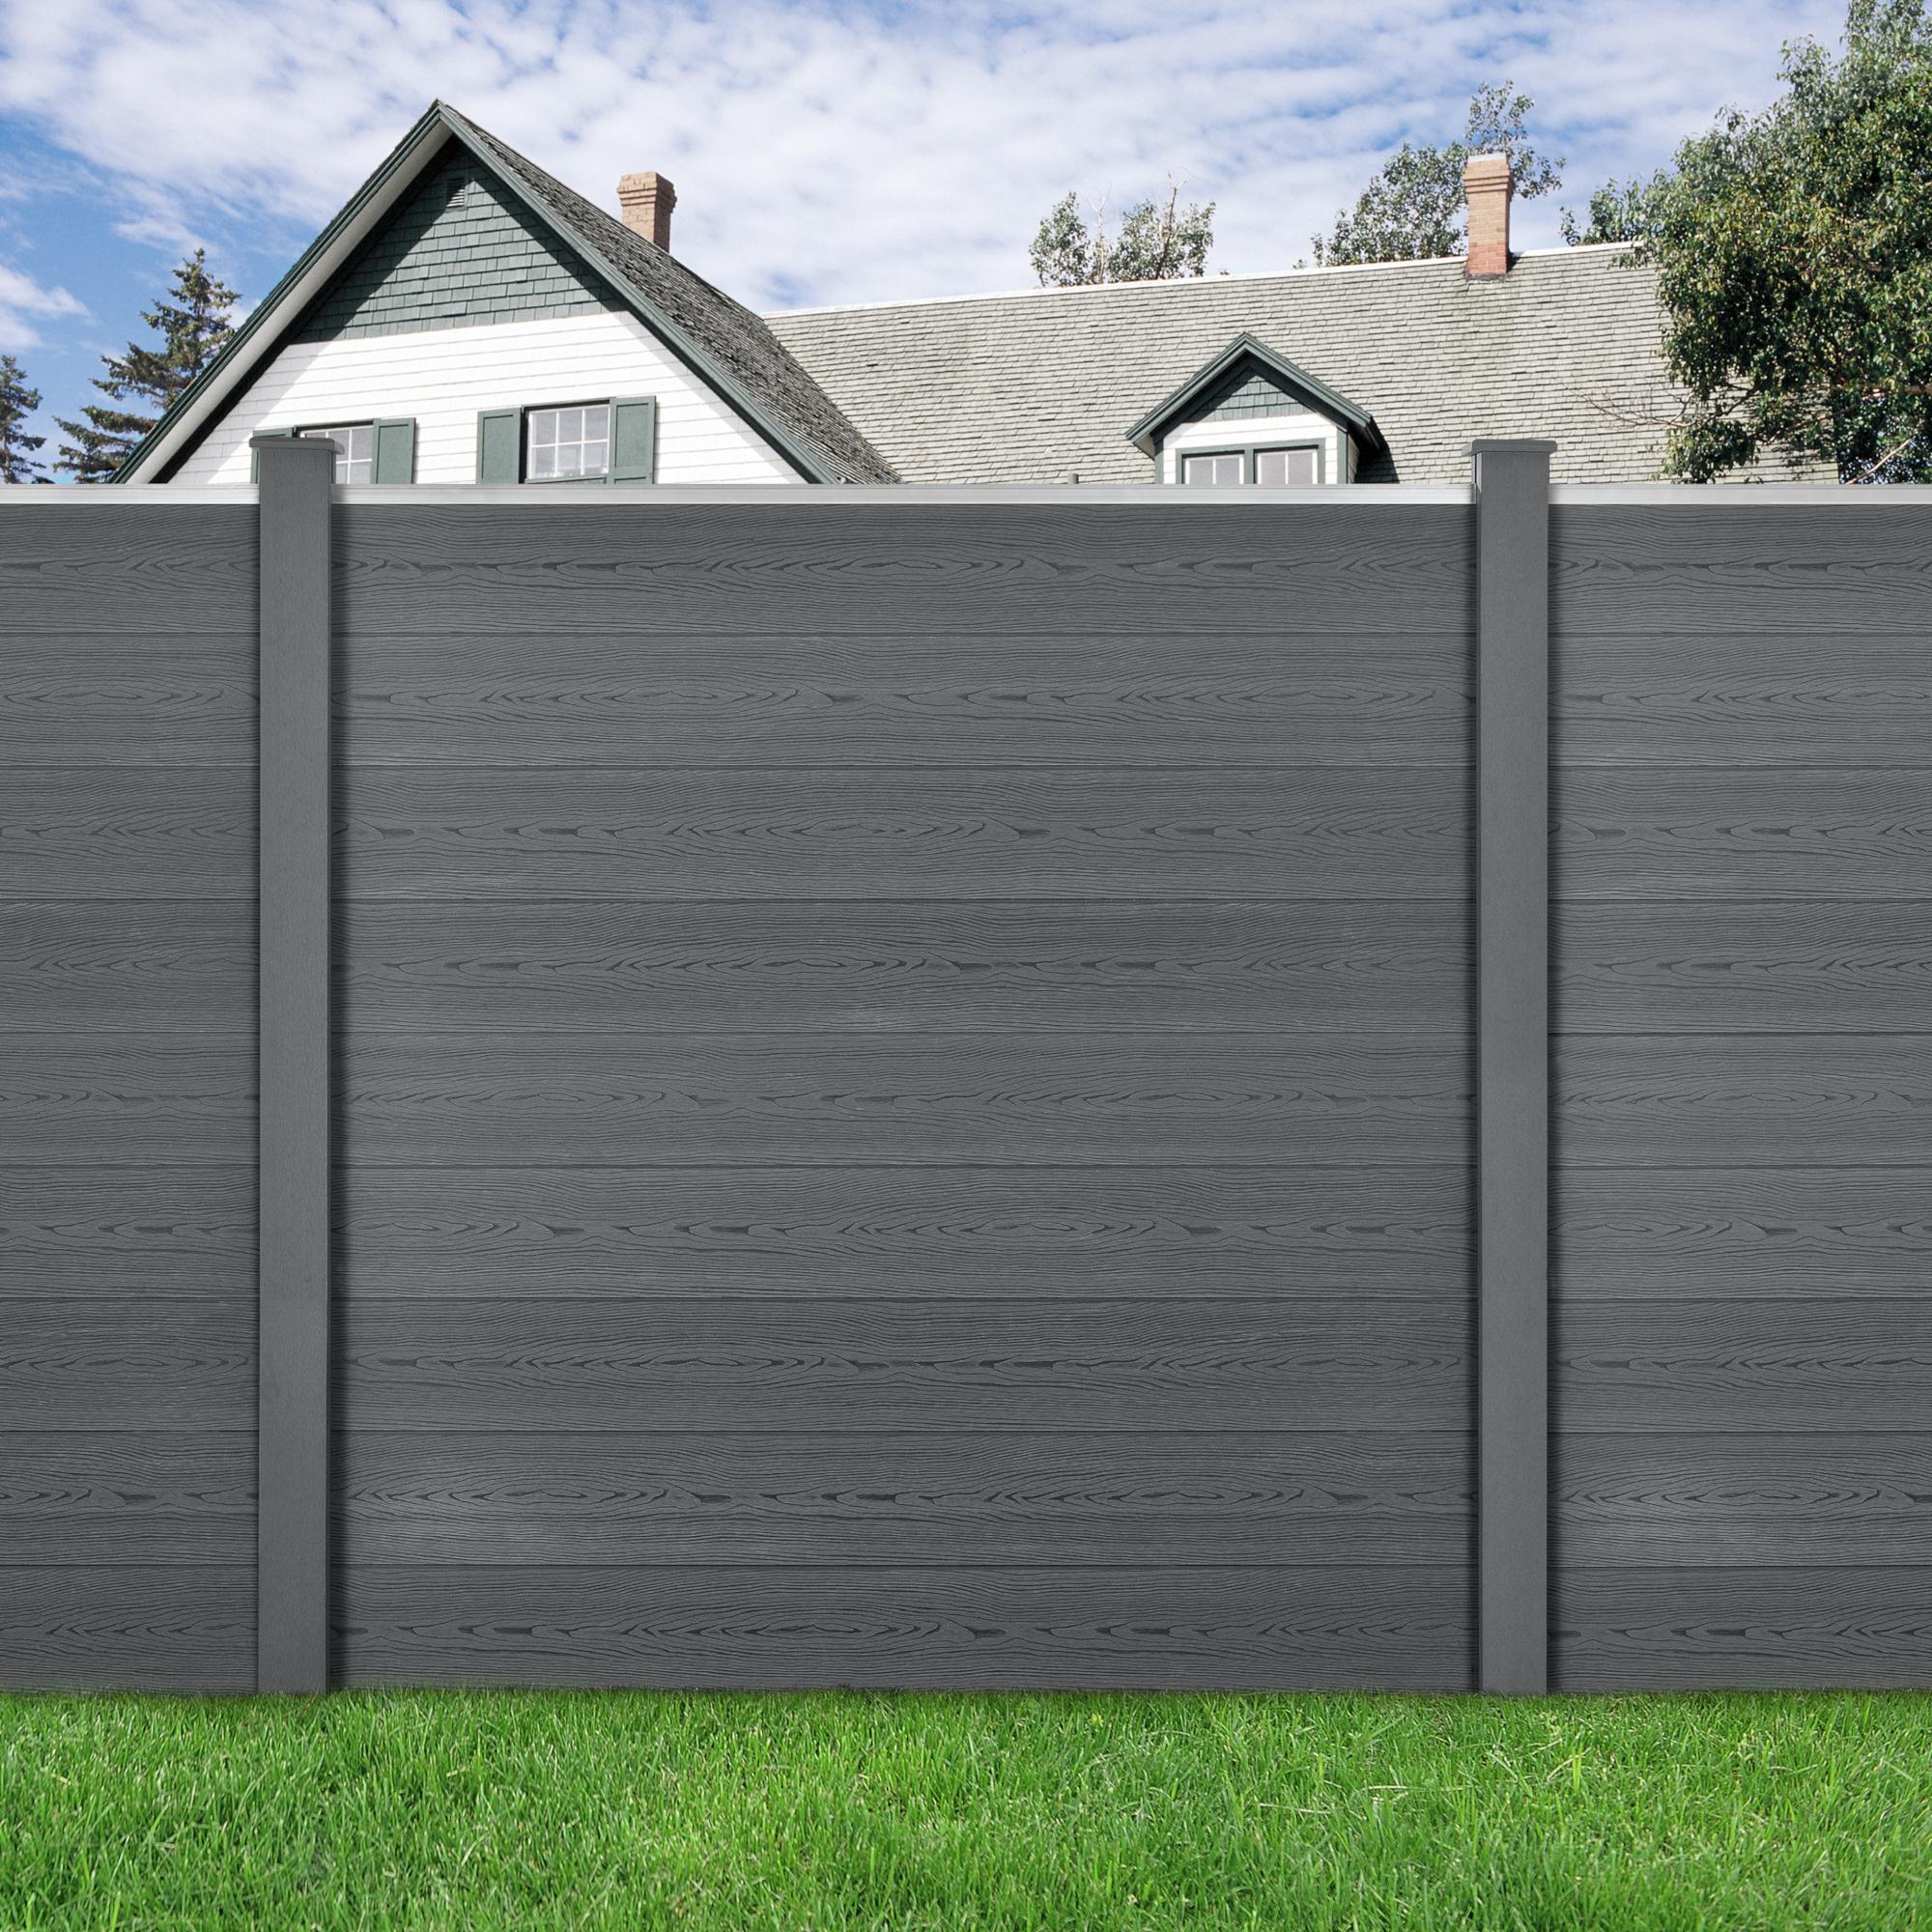 Neu Holz Steccato Recinzione 183x187cm Wpc 2 Colonne 9 Doghe